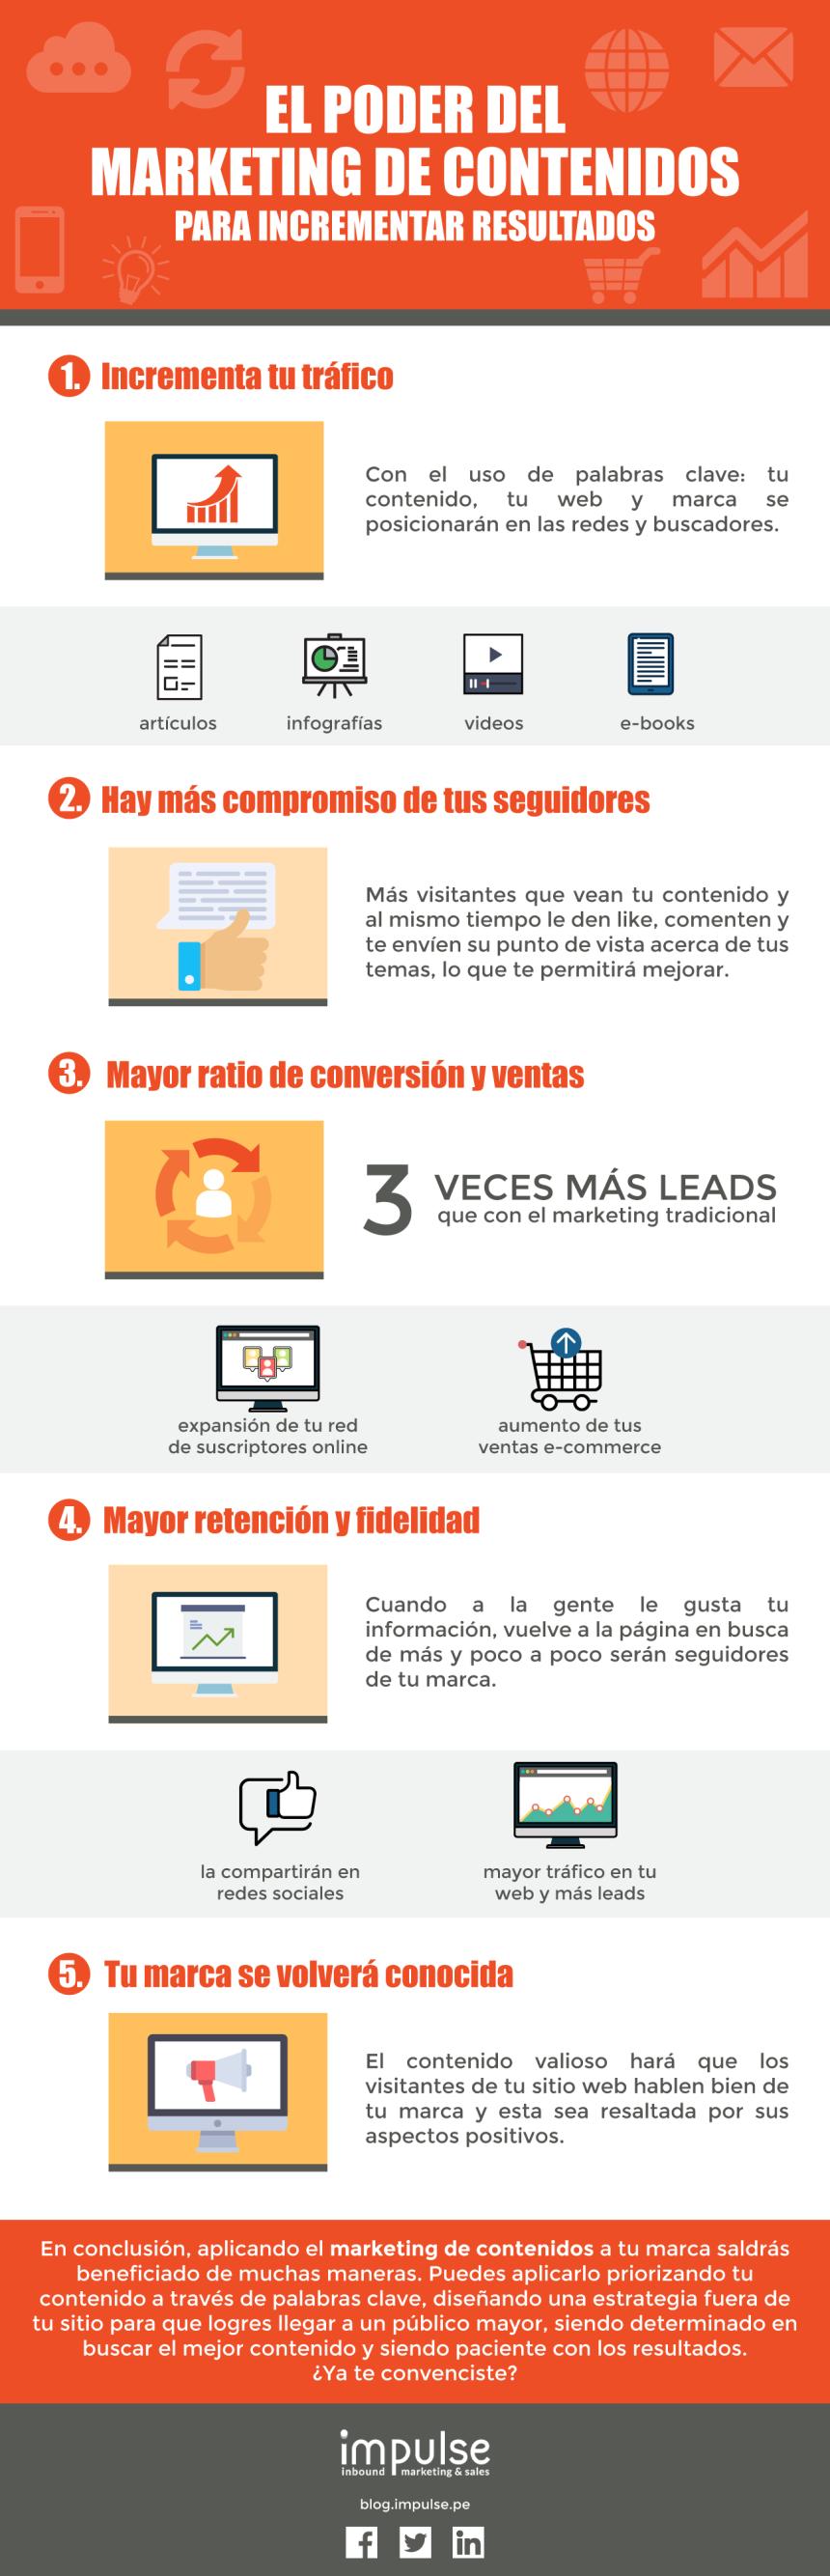 Marketing de contenidos para mejorar resultados